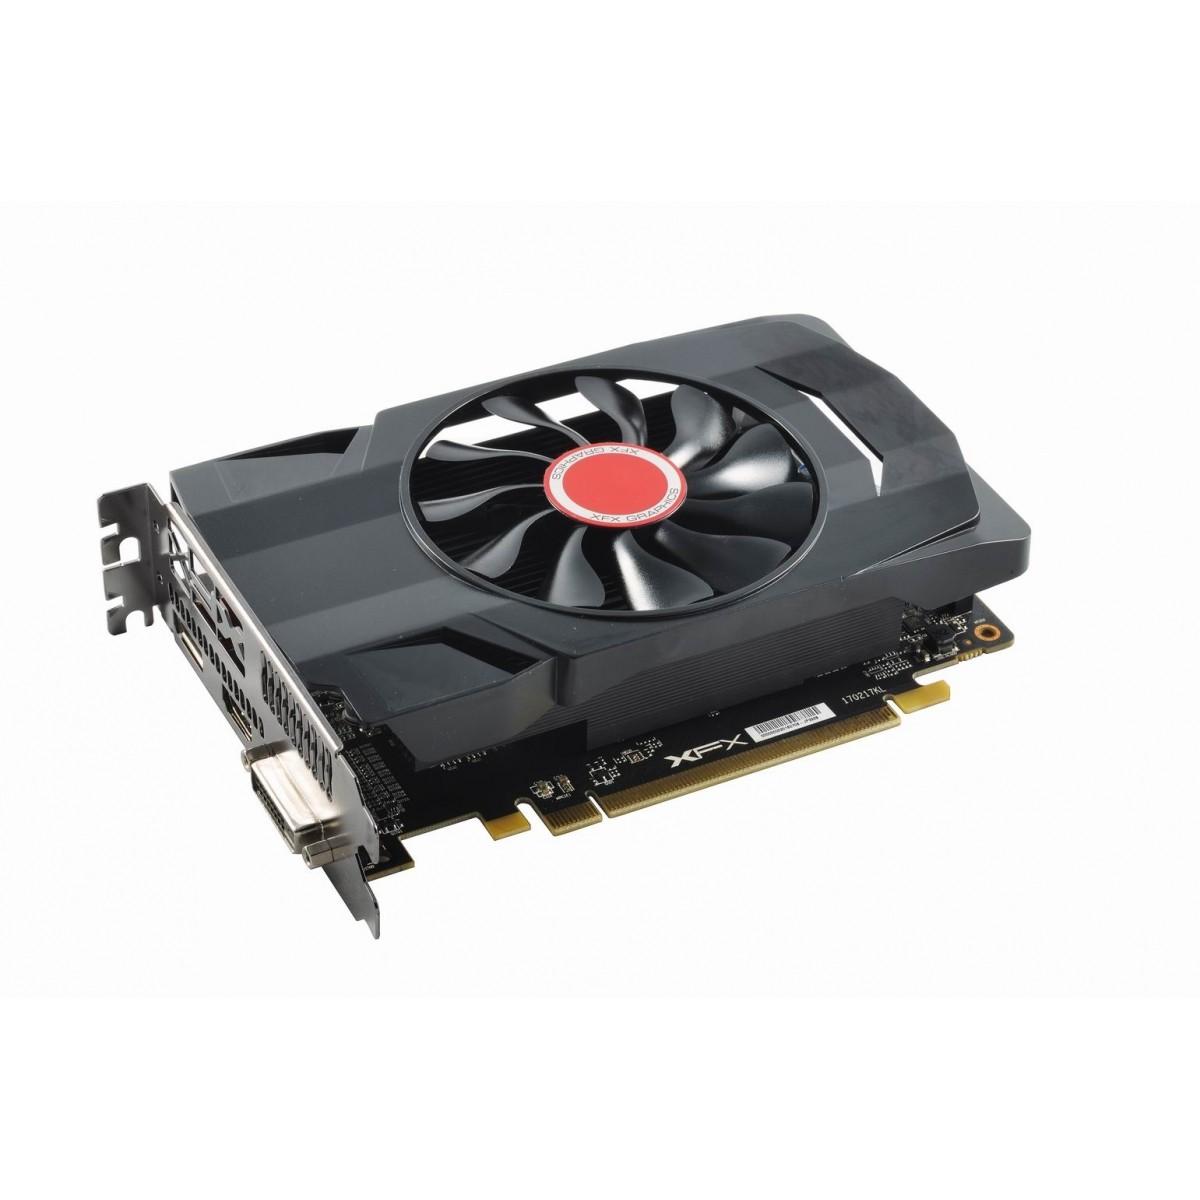 Placa De Vídeo Rx 560D 4Gb Radeon Ddr5 1196Mhz Core Dp Xfx